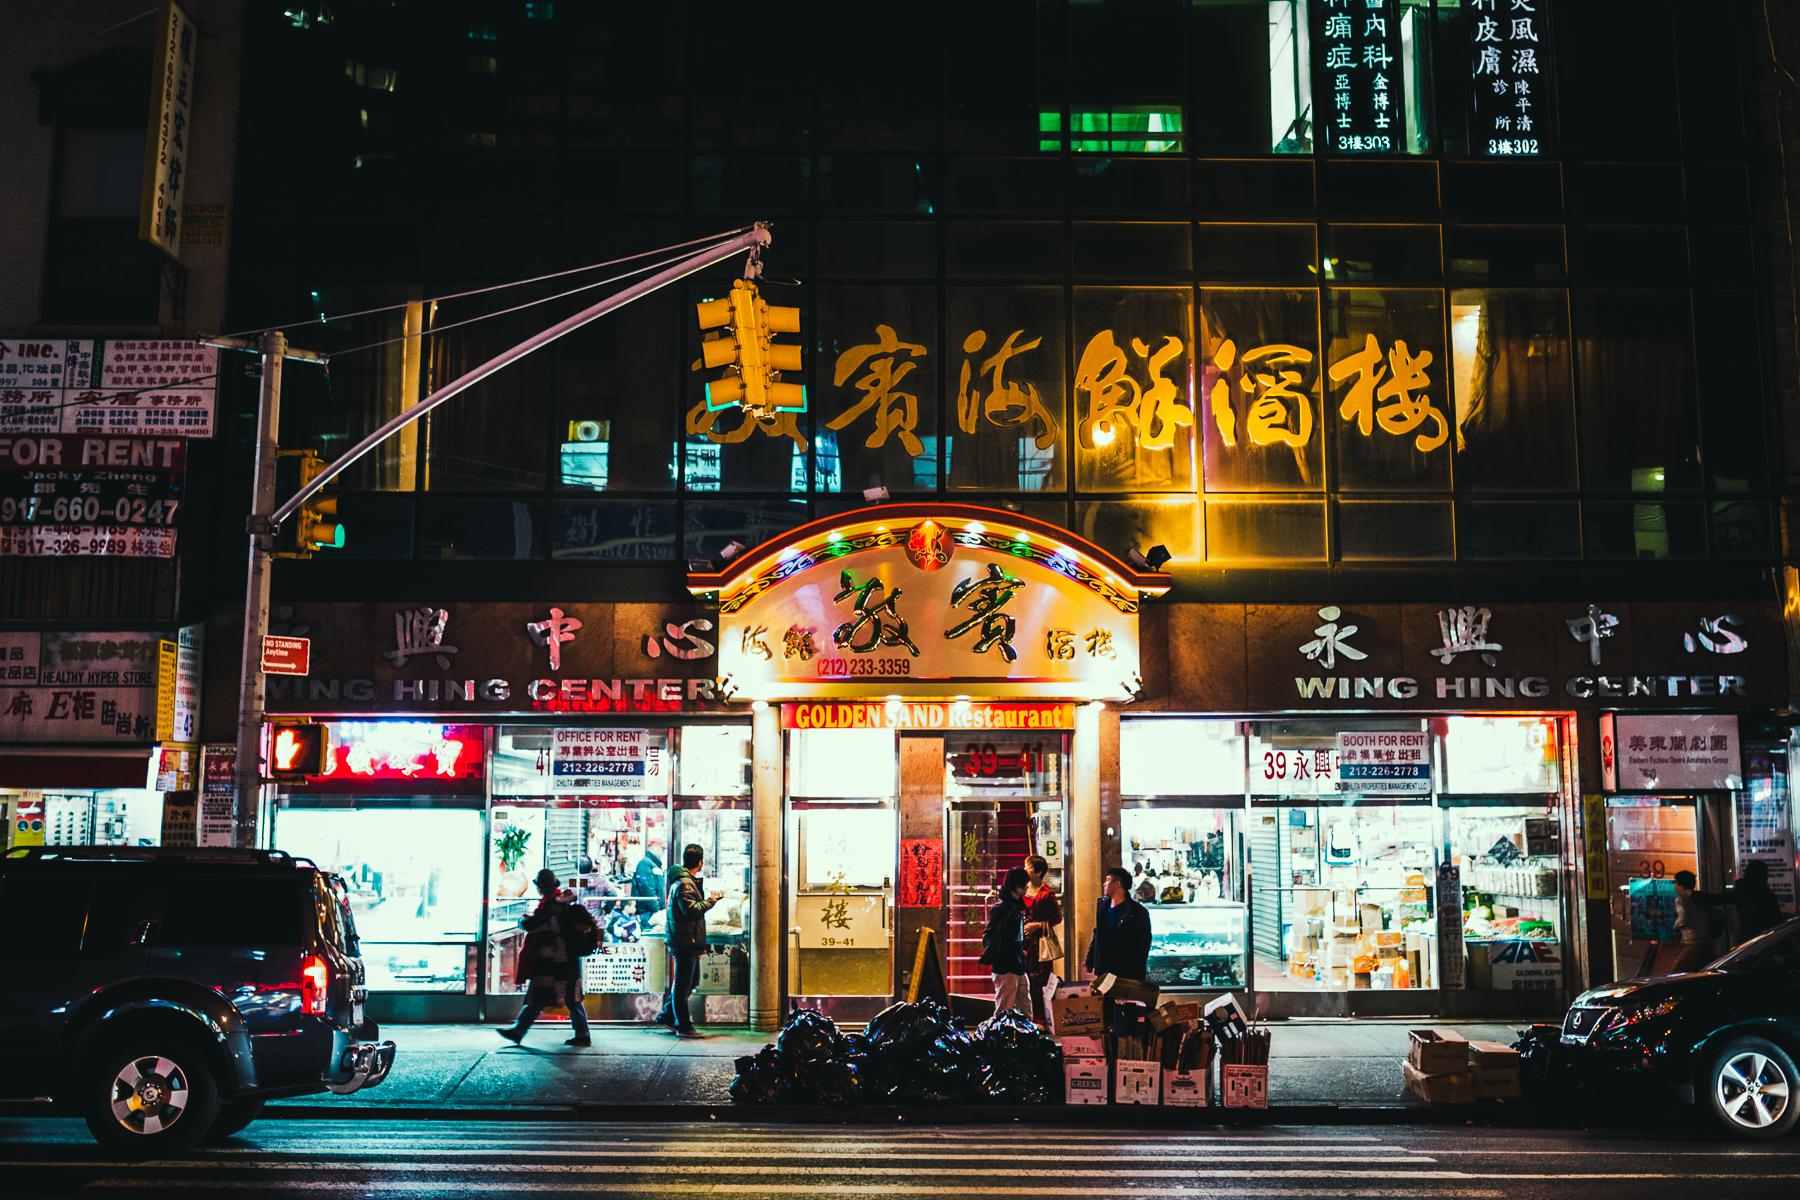 China2.0-10.jpg